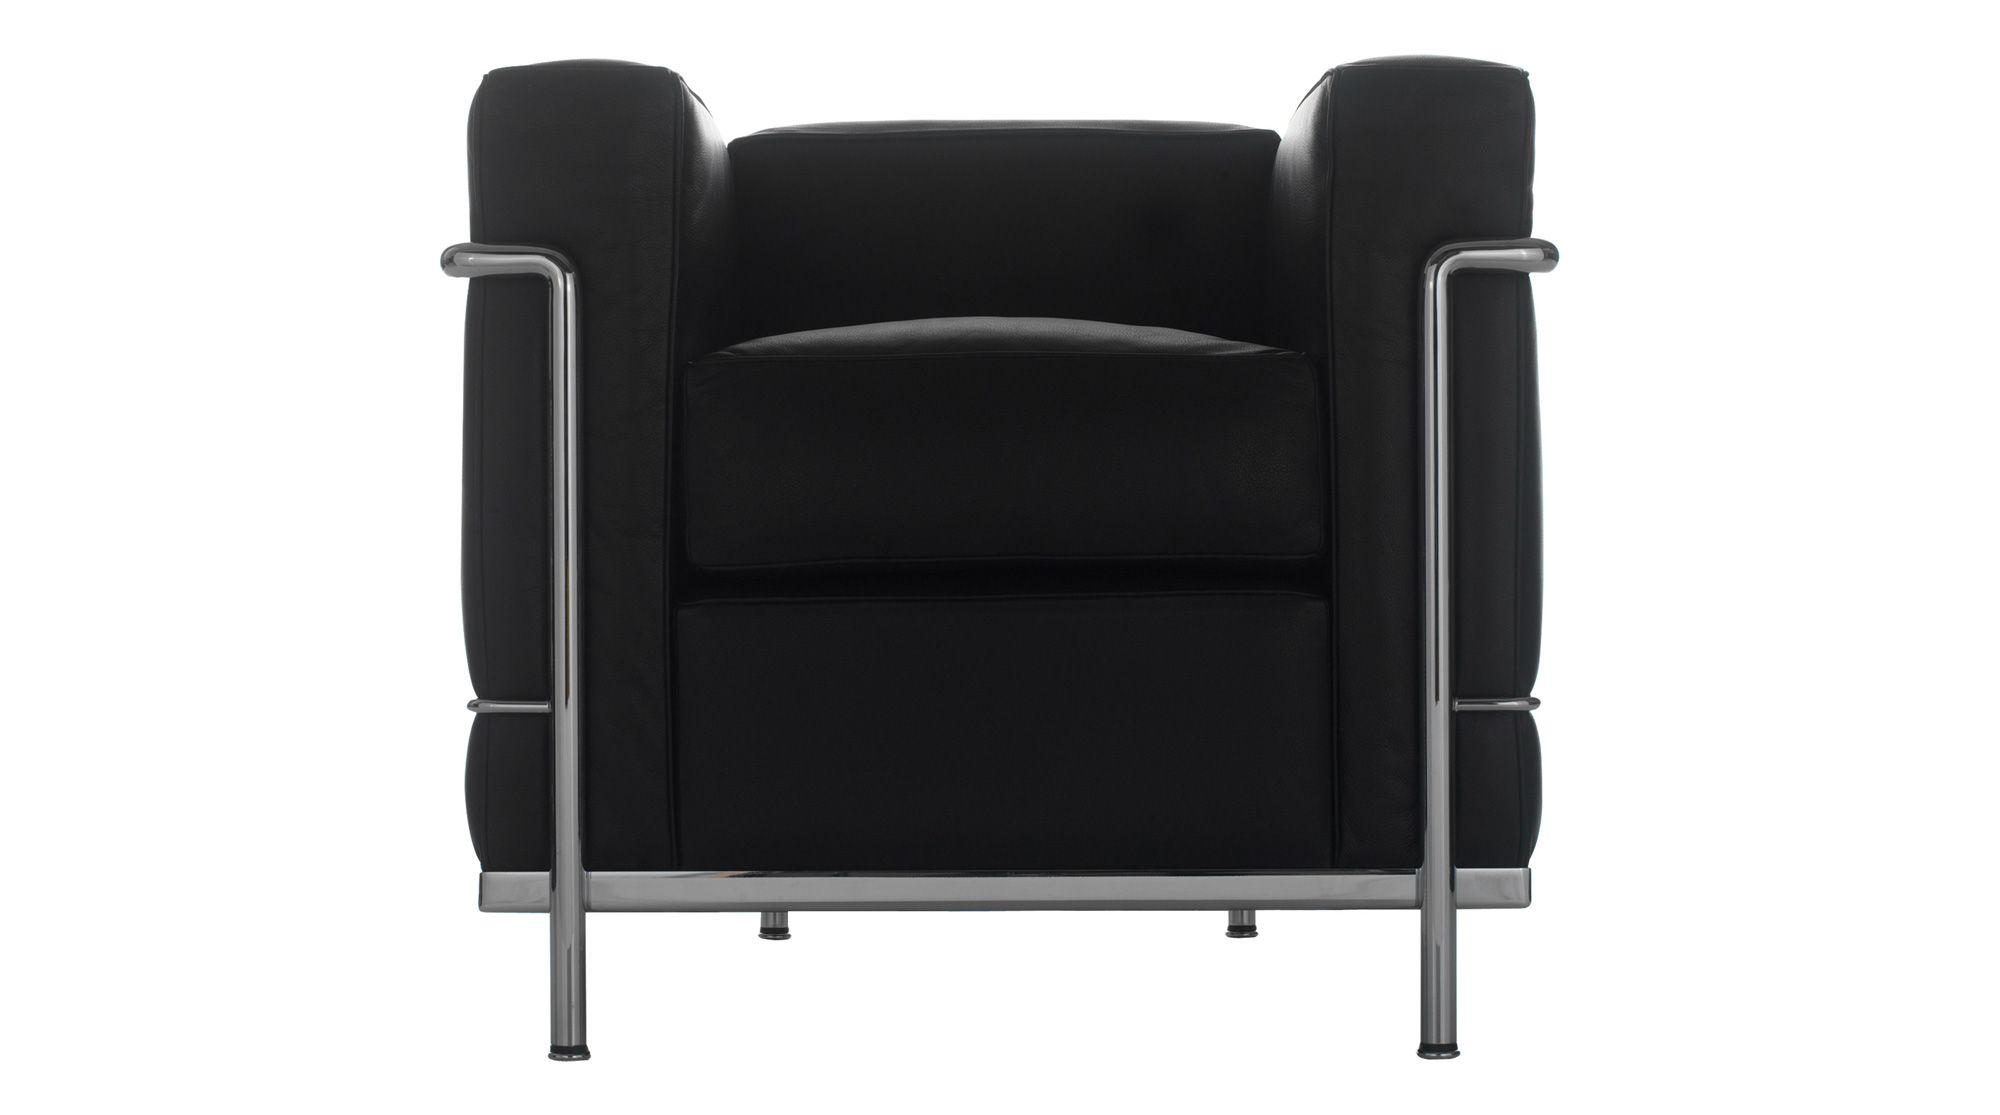 Lc2 Fauteuil Grand Confort Petit Modele Salon D Automne Armchair Le Corbusier 1929 Cassina Contemporary Furniture Design